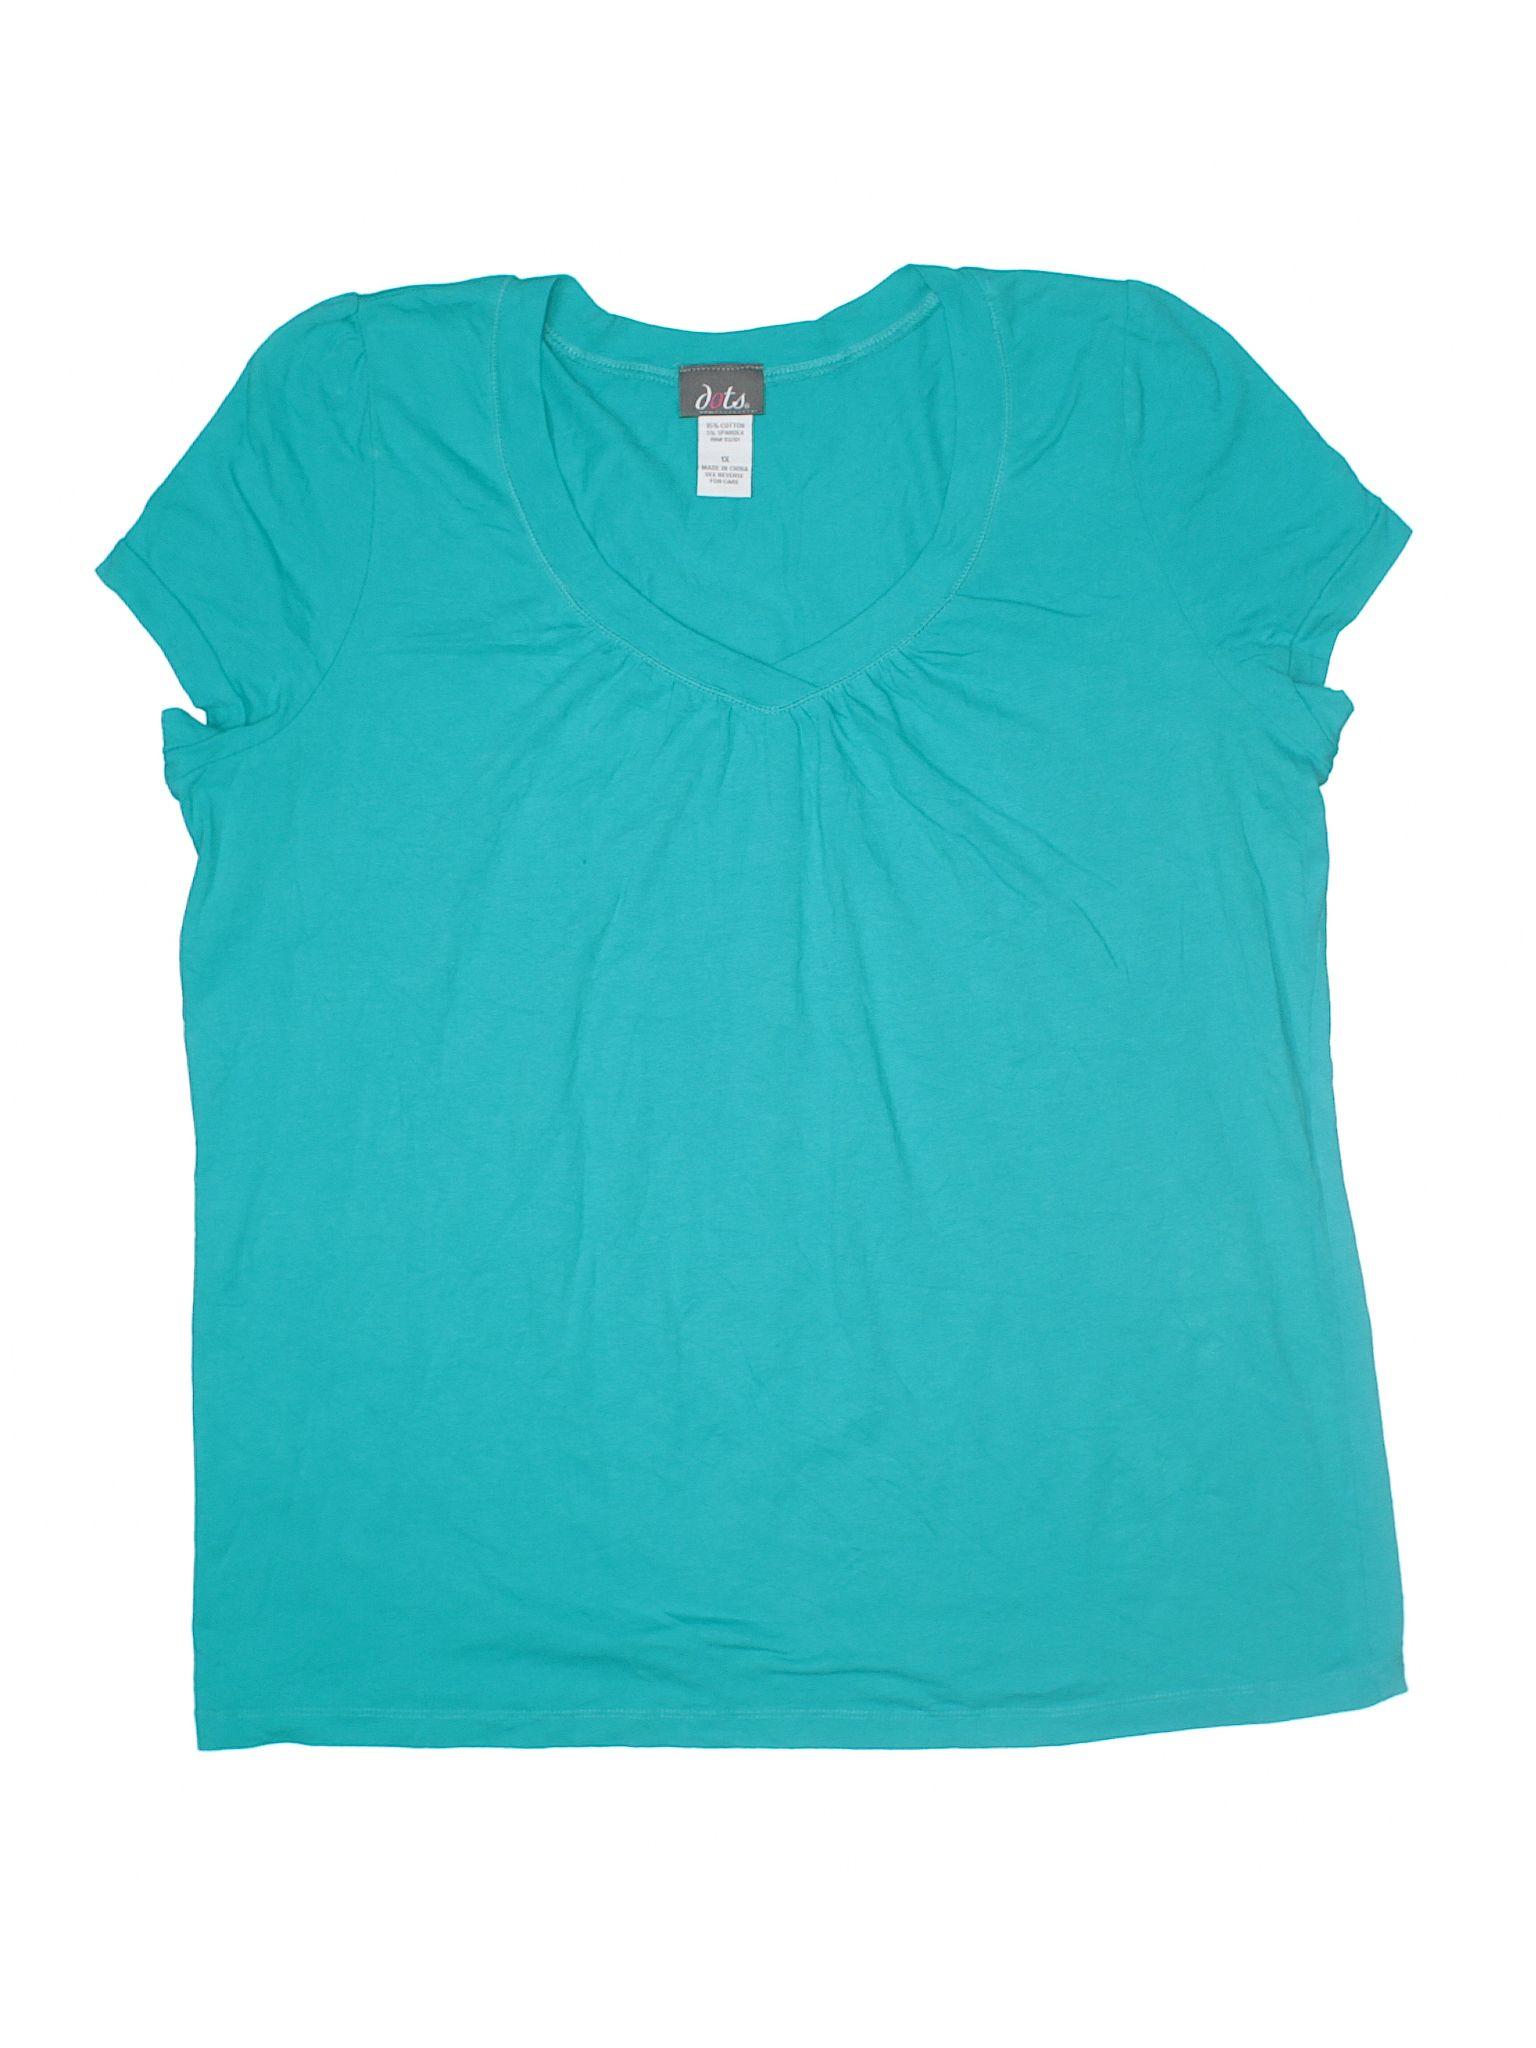 Dots Short Sleeve T Shirt Size 1800 Blue Womens Tops